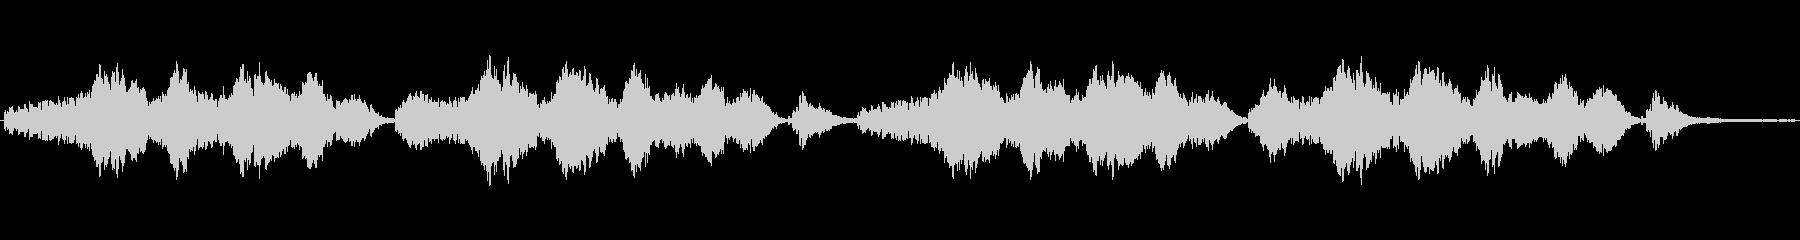 静かな瞑想音楽の未再生の波形